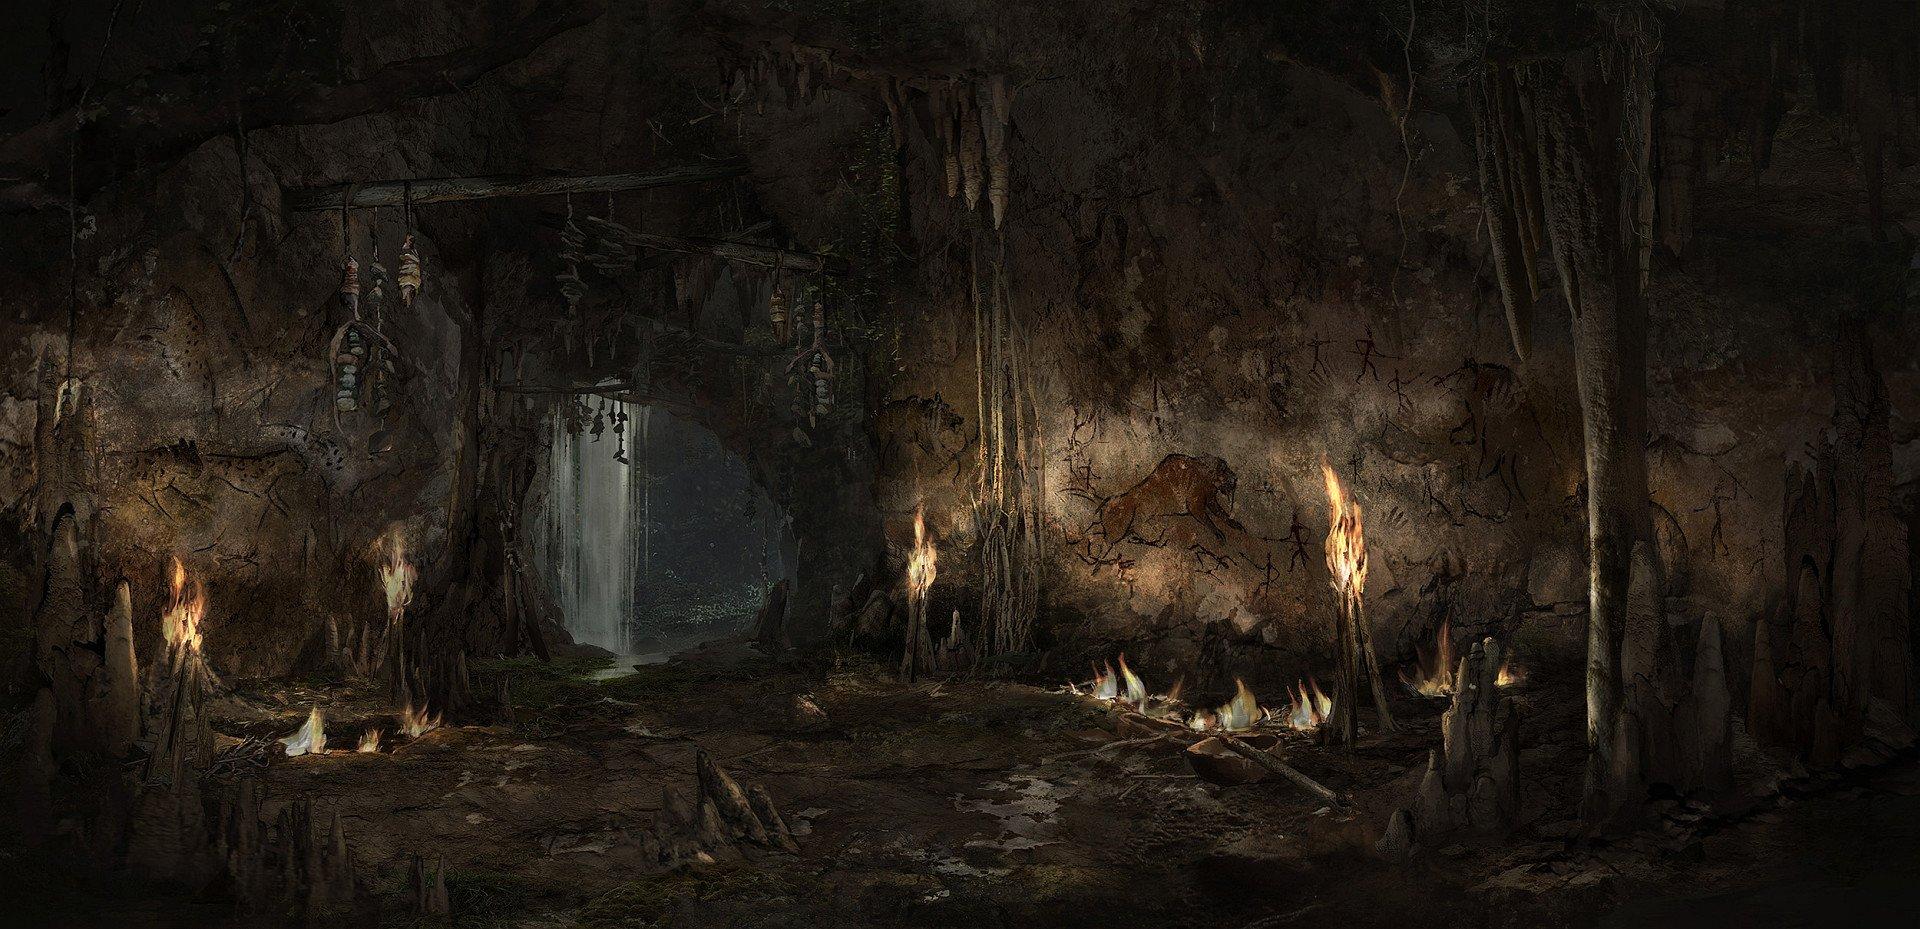 Ubisoft anticipa el anuncio de una aventura de supervivencia en un mundo prehistórico Far_cry_primal-3208376